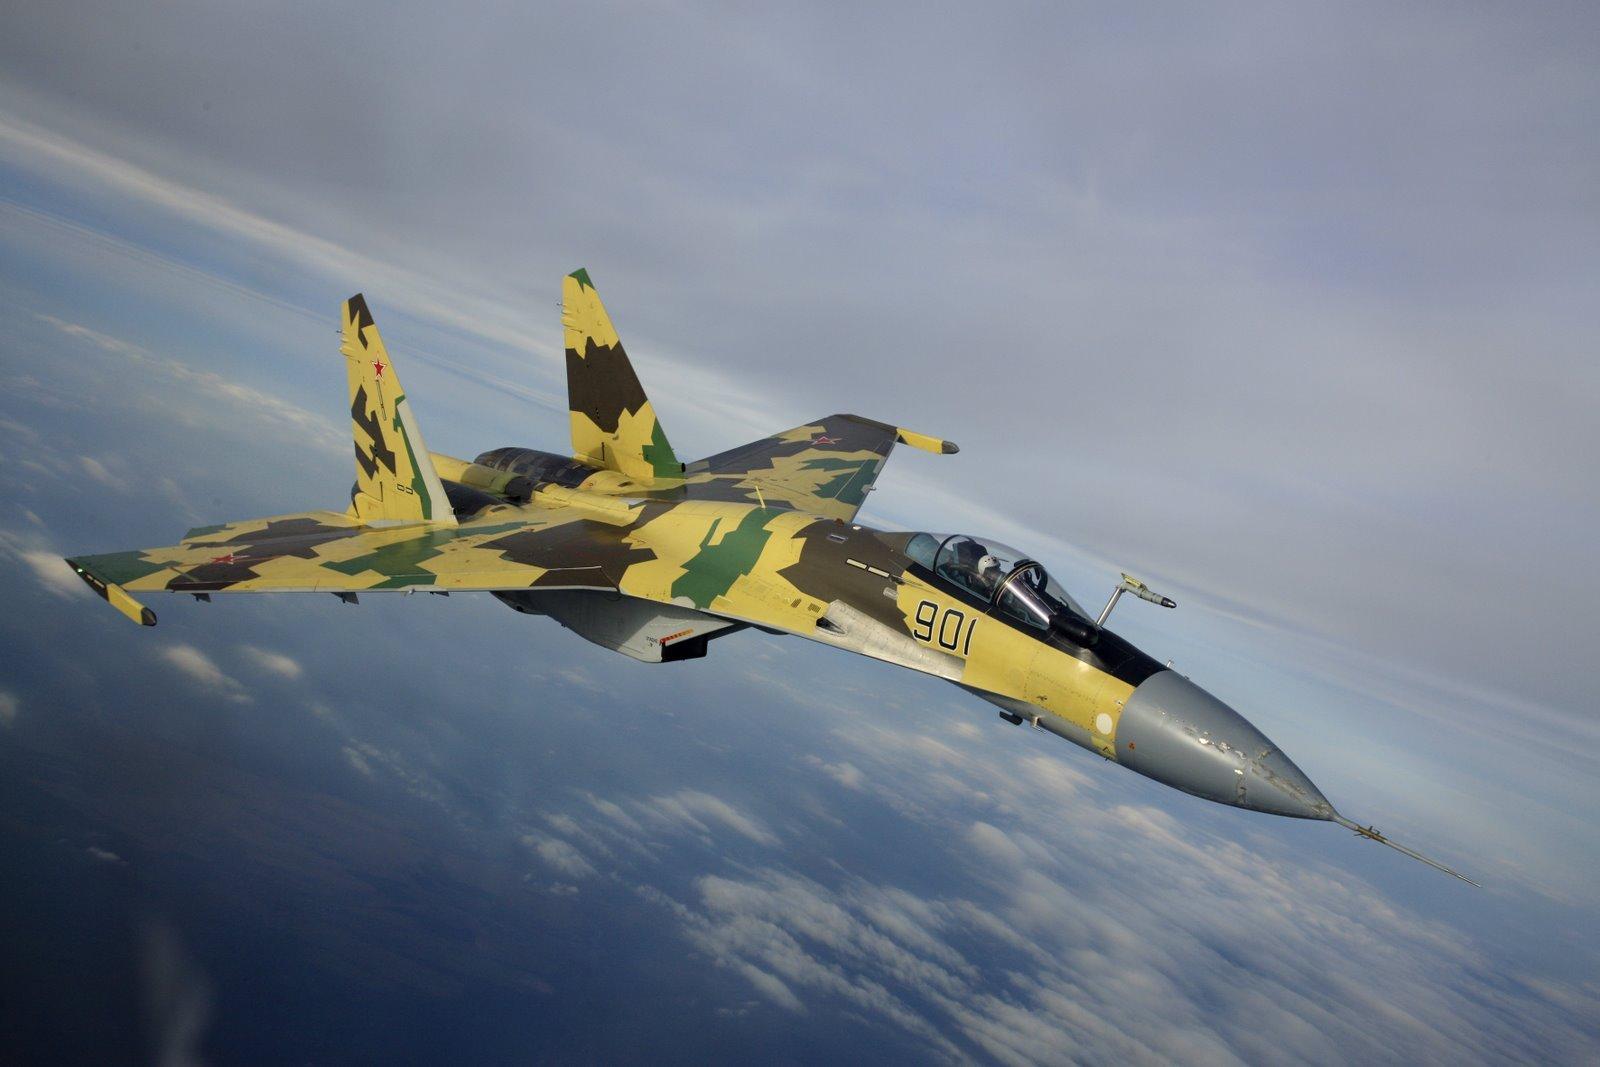 Жители Америки попытались сравнить истребители Су-35 иF-35 инесмогли